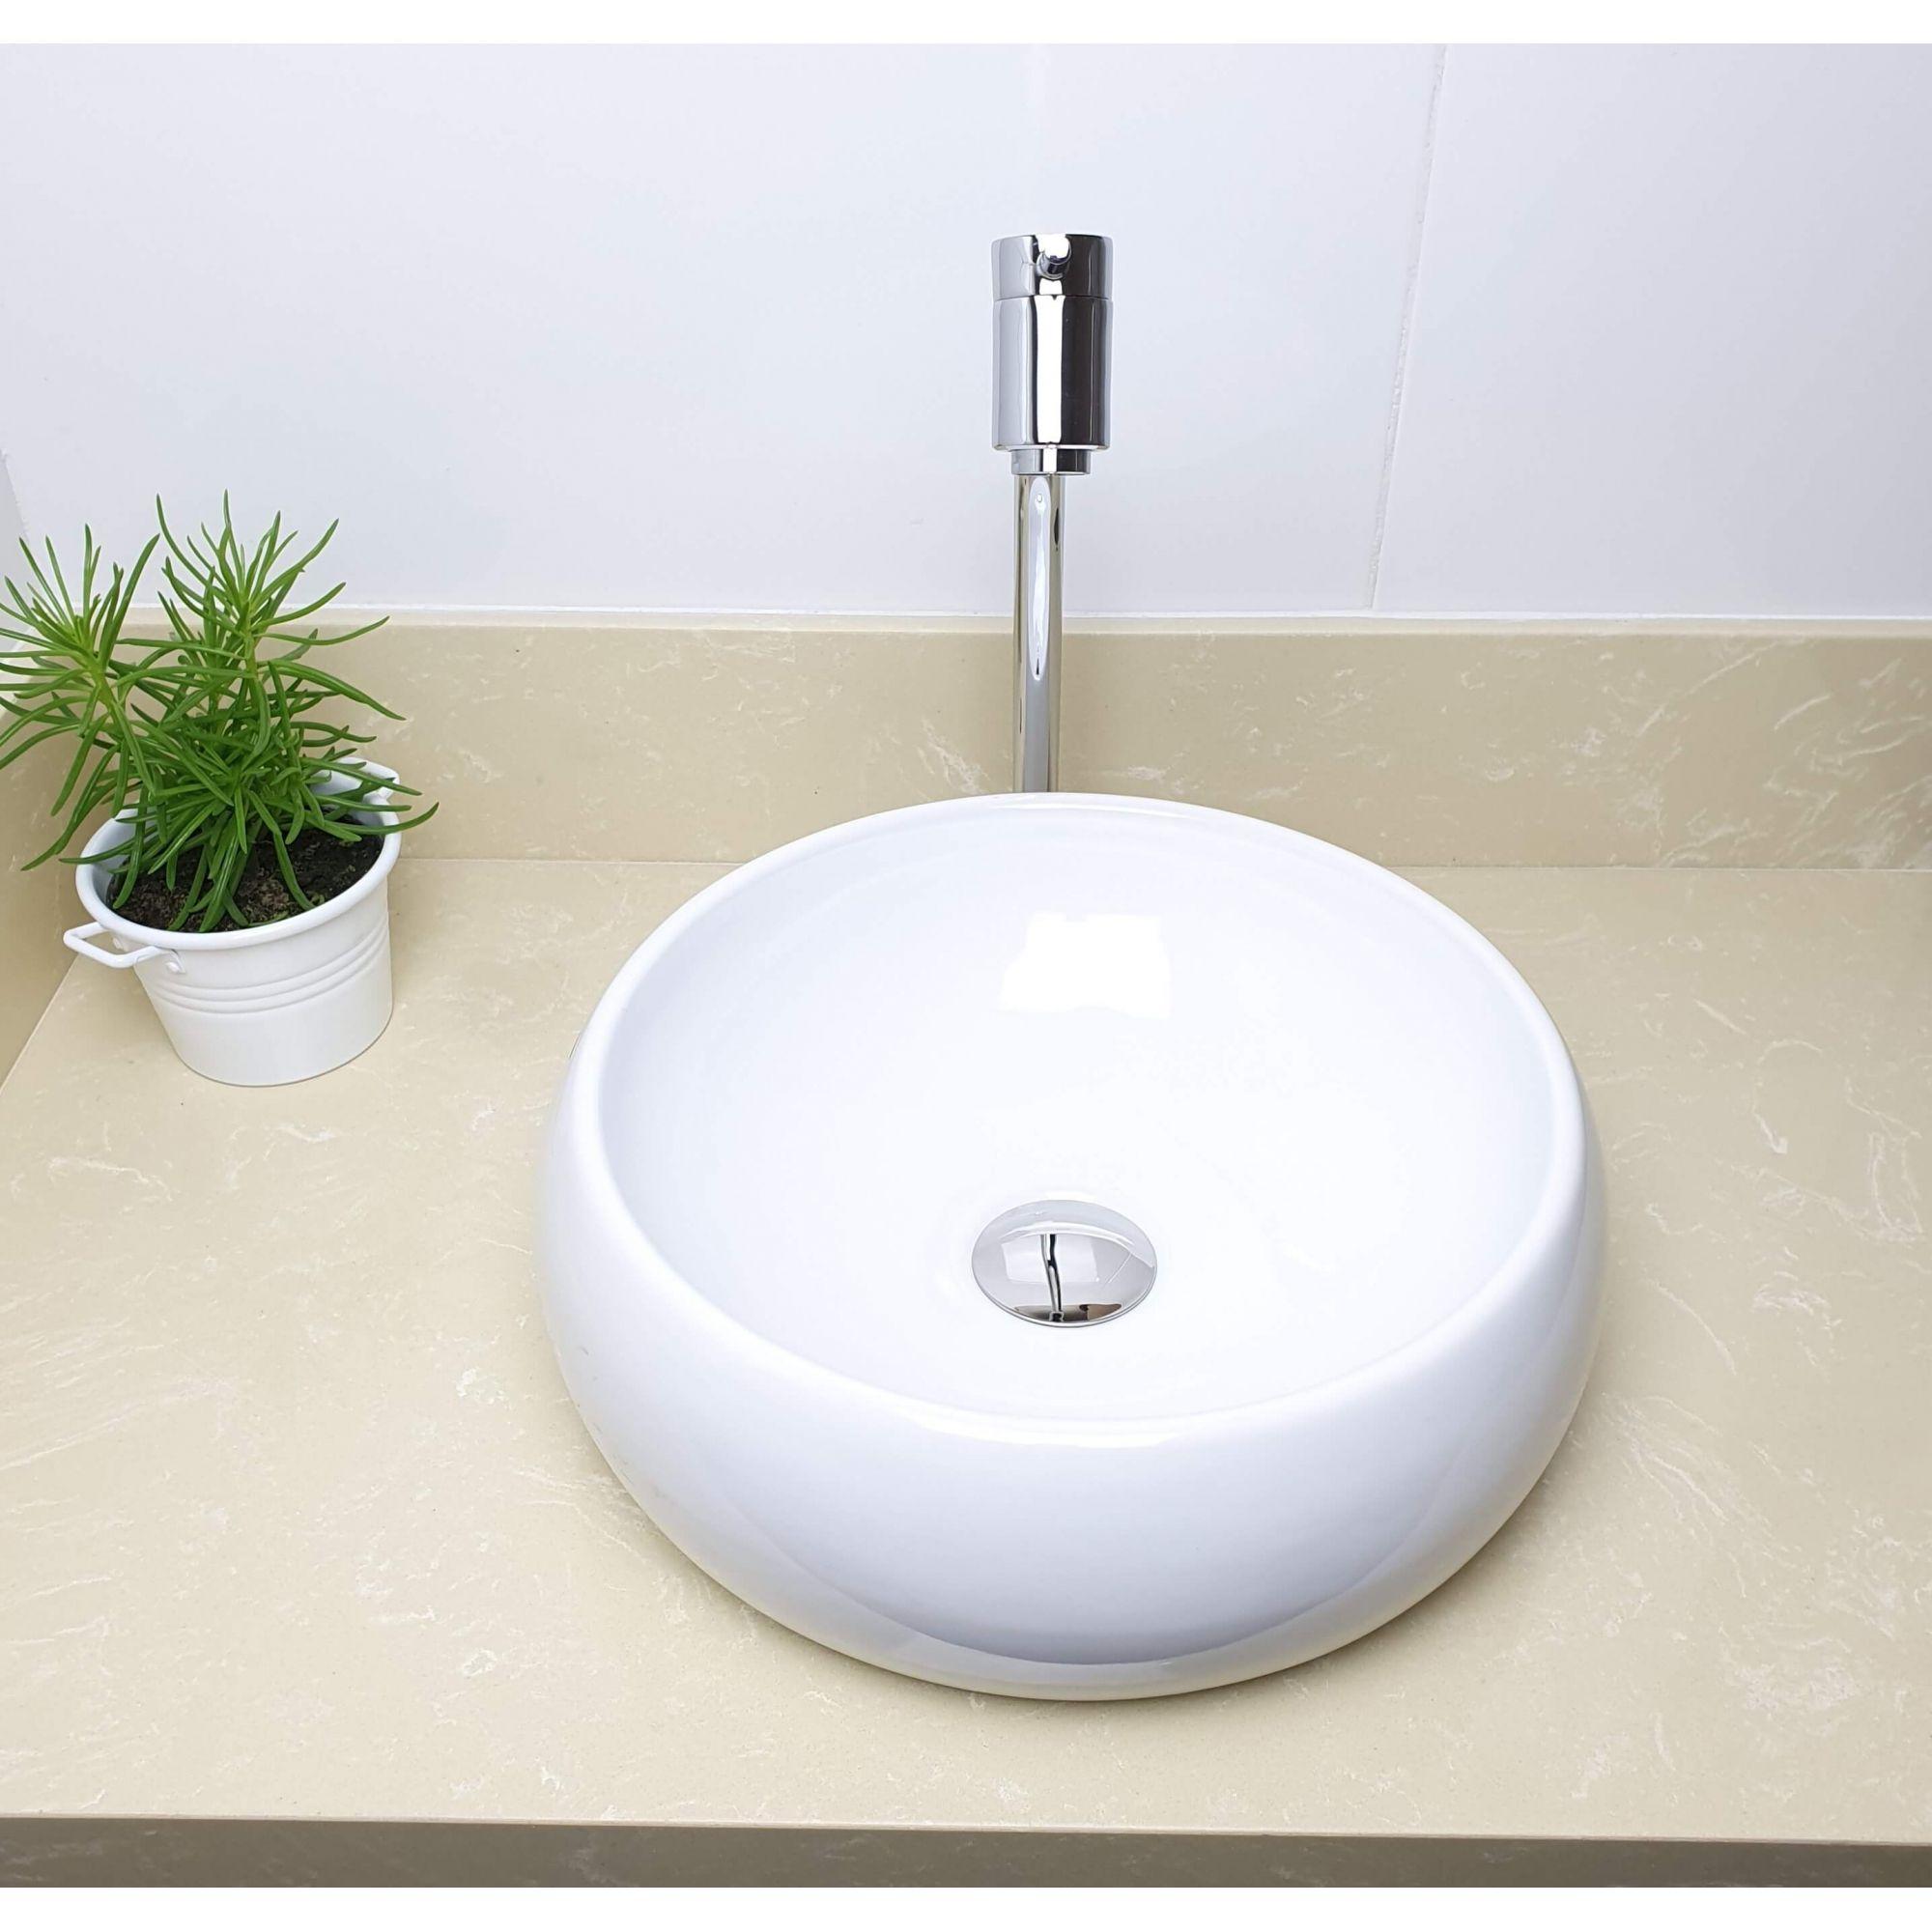 Cuba Banheiro Apoio Redonda 36x12cm com Torneira Bica Alta,  Válvula Click  Sifão e Flexível  - DOTEC SHOP